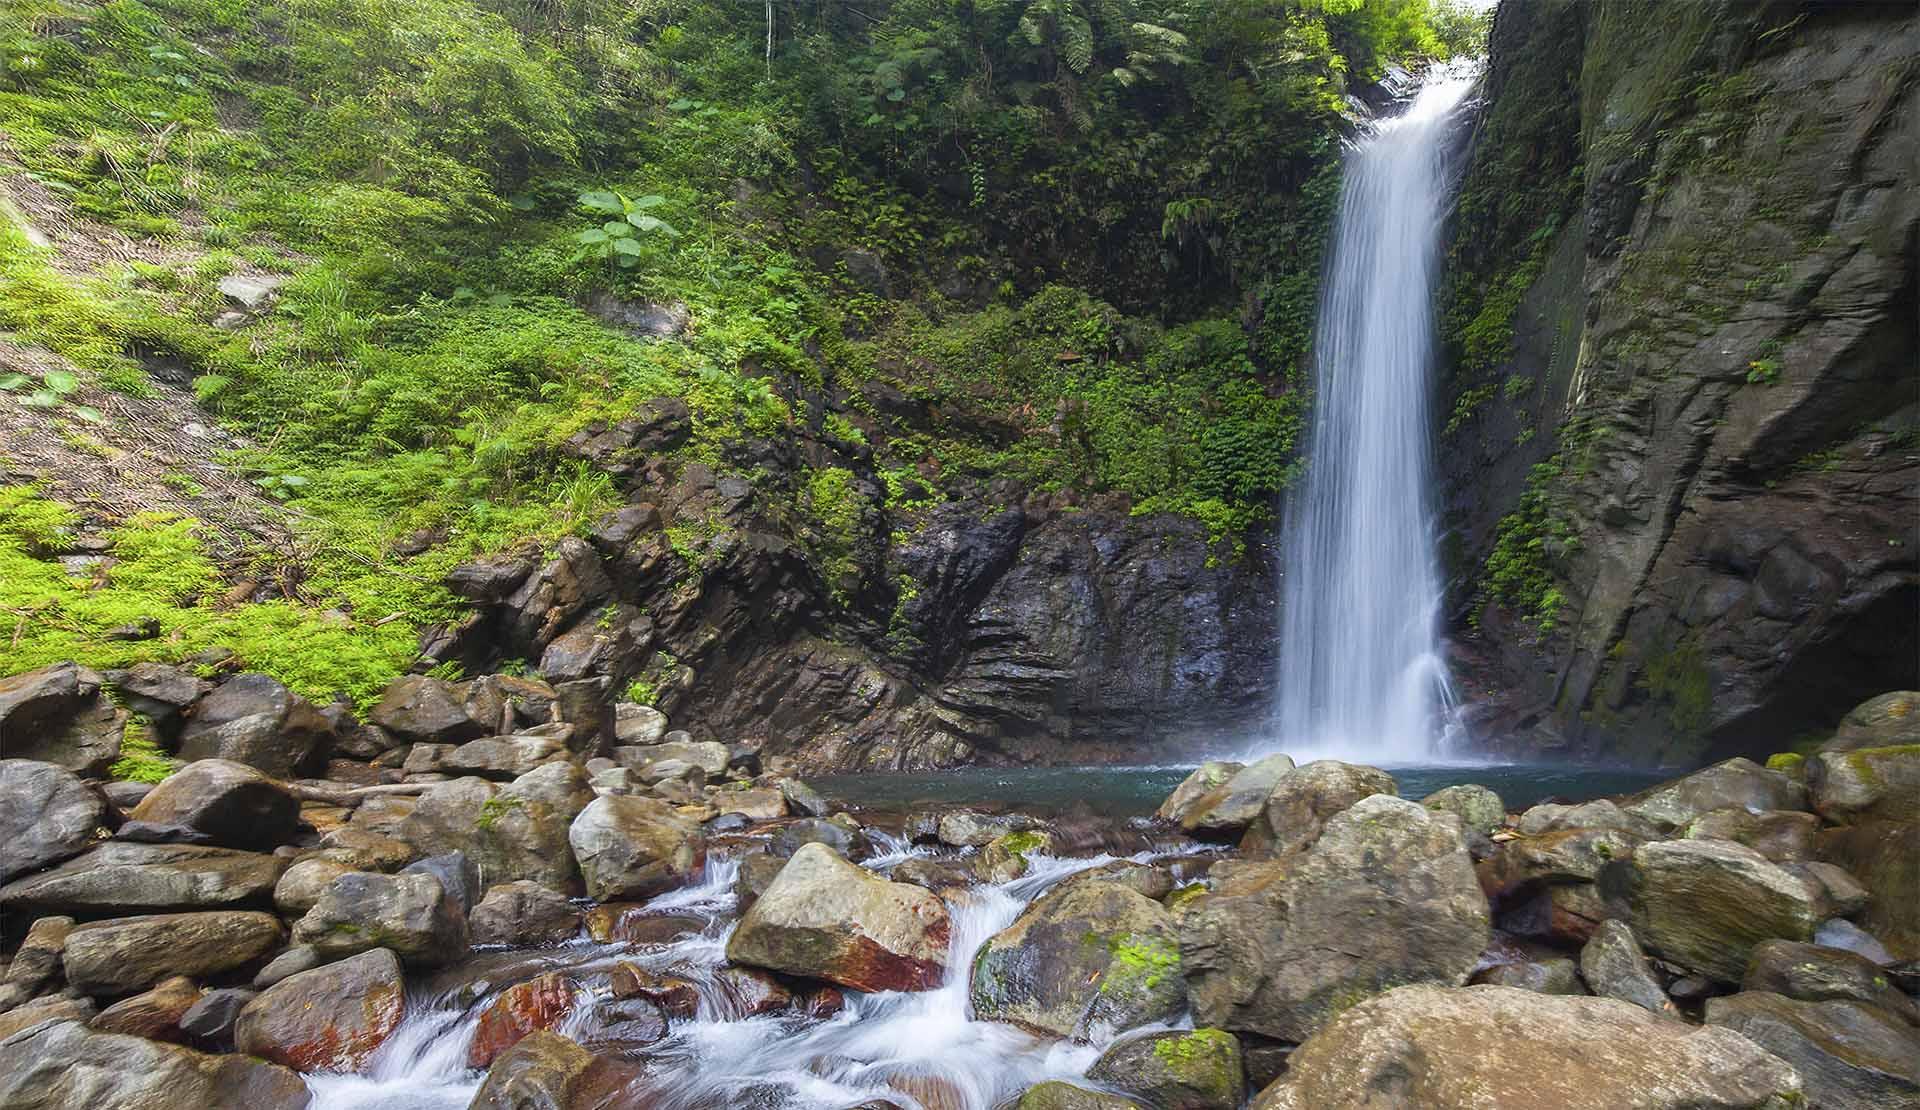 Khu vực thác nước thơ mộng tại Butterfly Valley